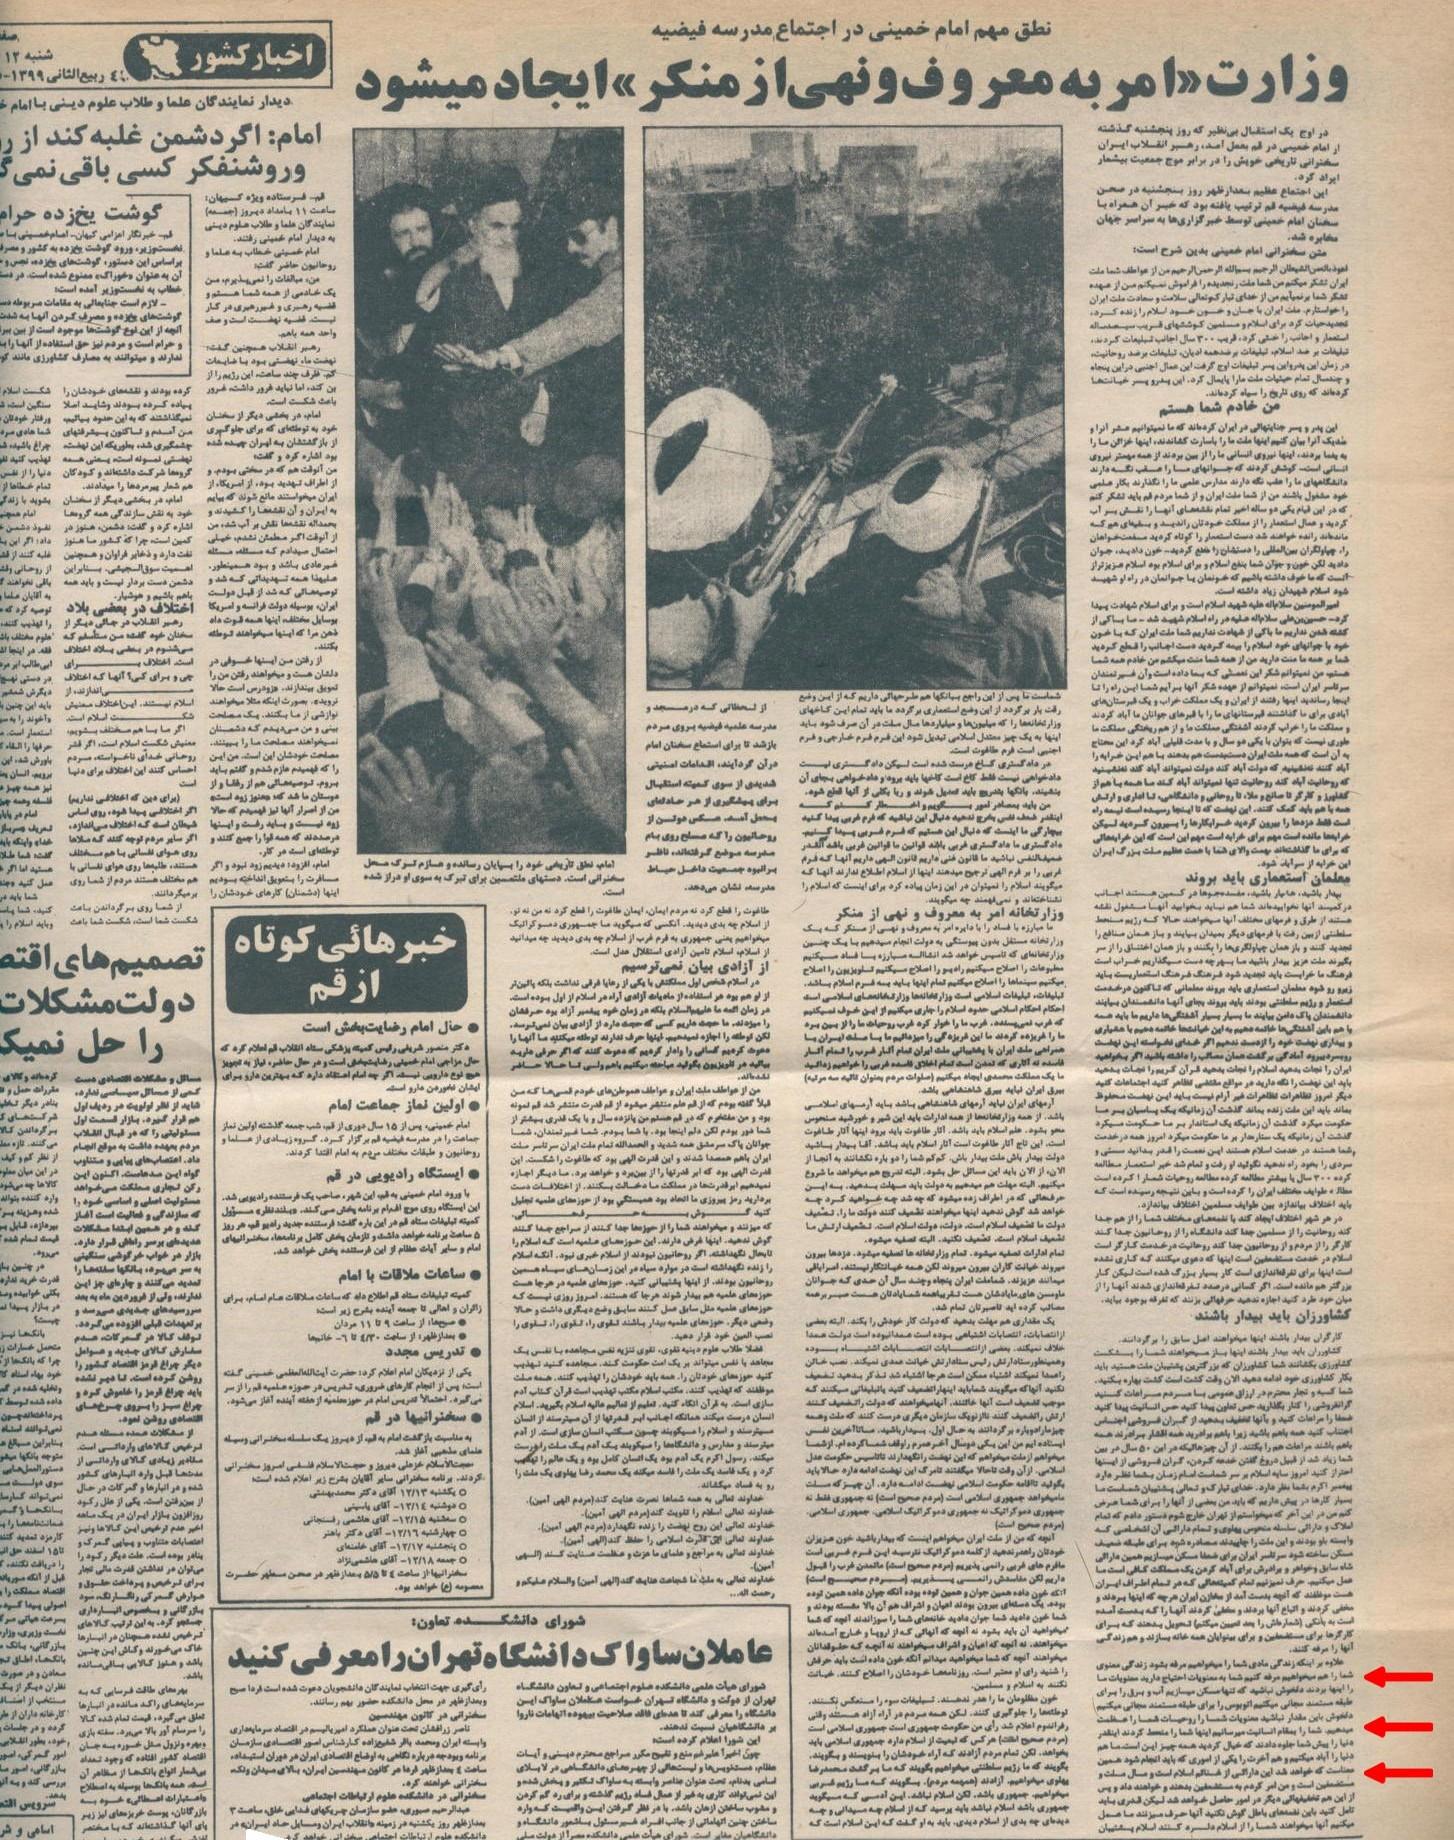 نطق مهم امام خمینی در اجتماع مدرسه فیضیه